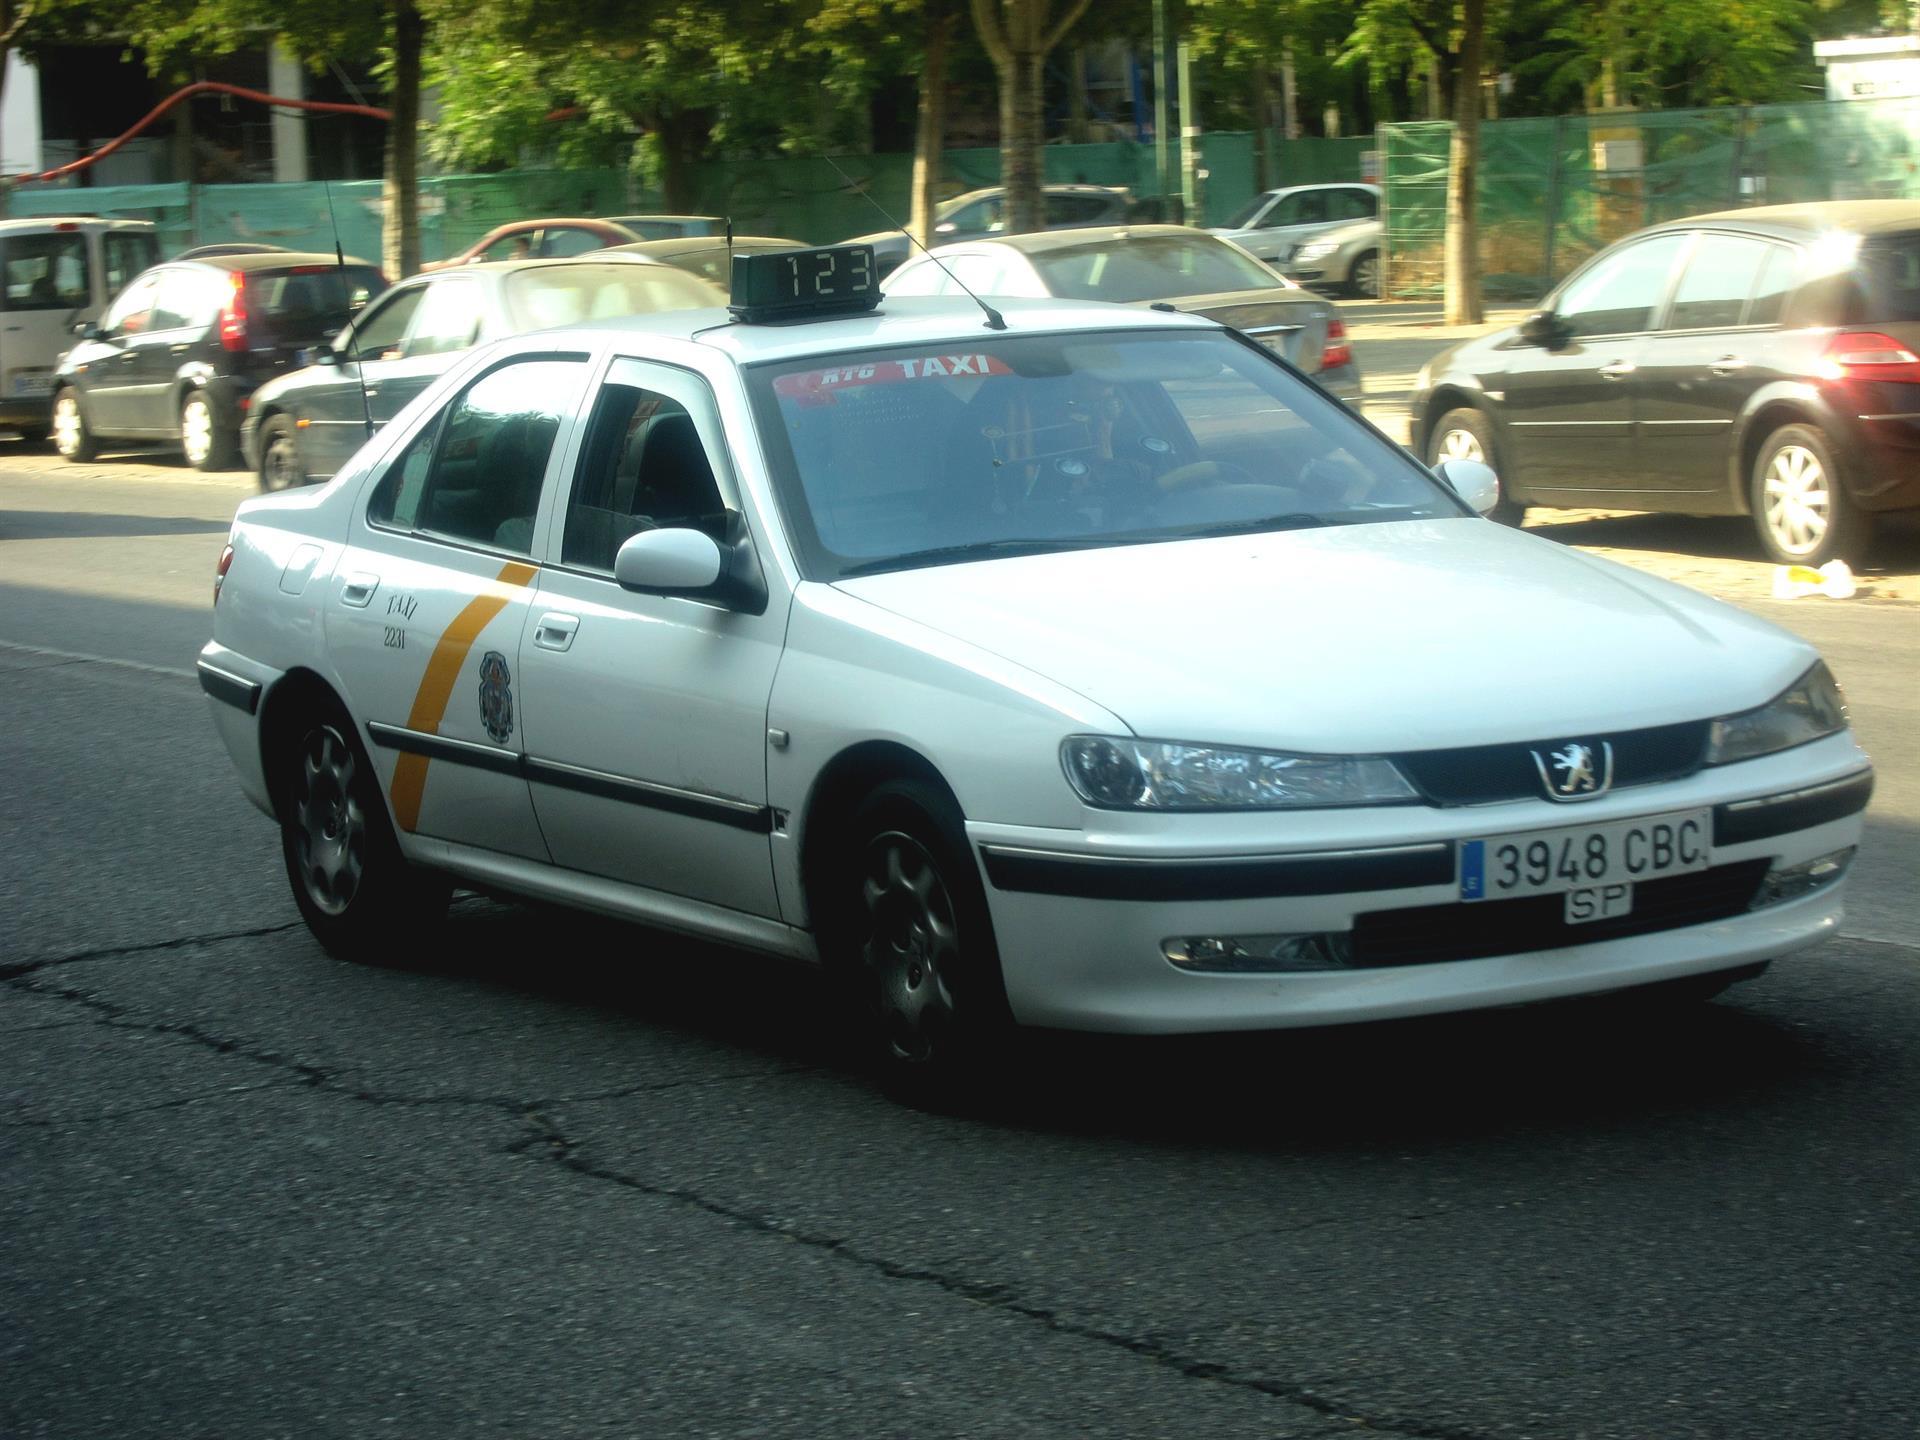 El Instituto del Taxi libera de descanso obligatorio a toda la flota la tarde y noche de la Cabalgata de Reyes